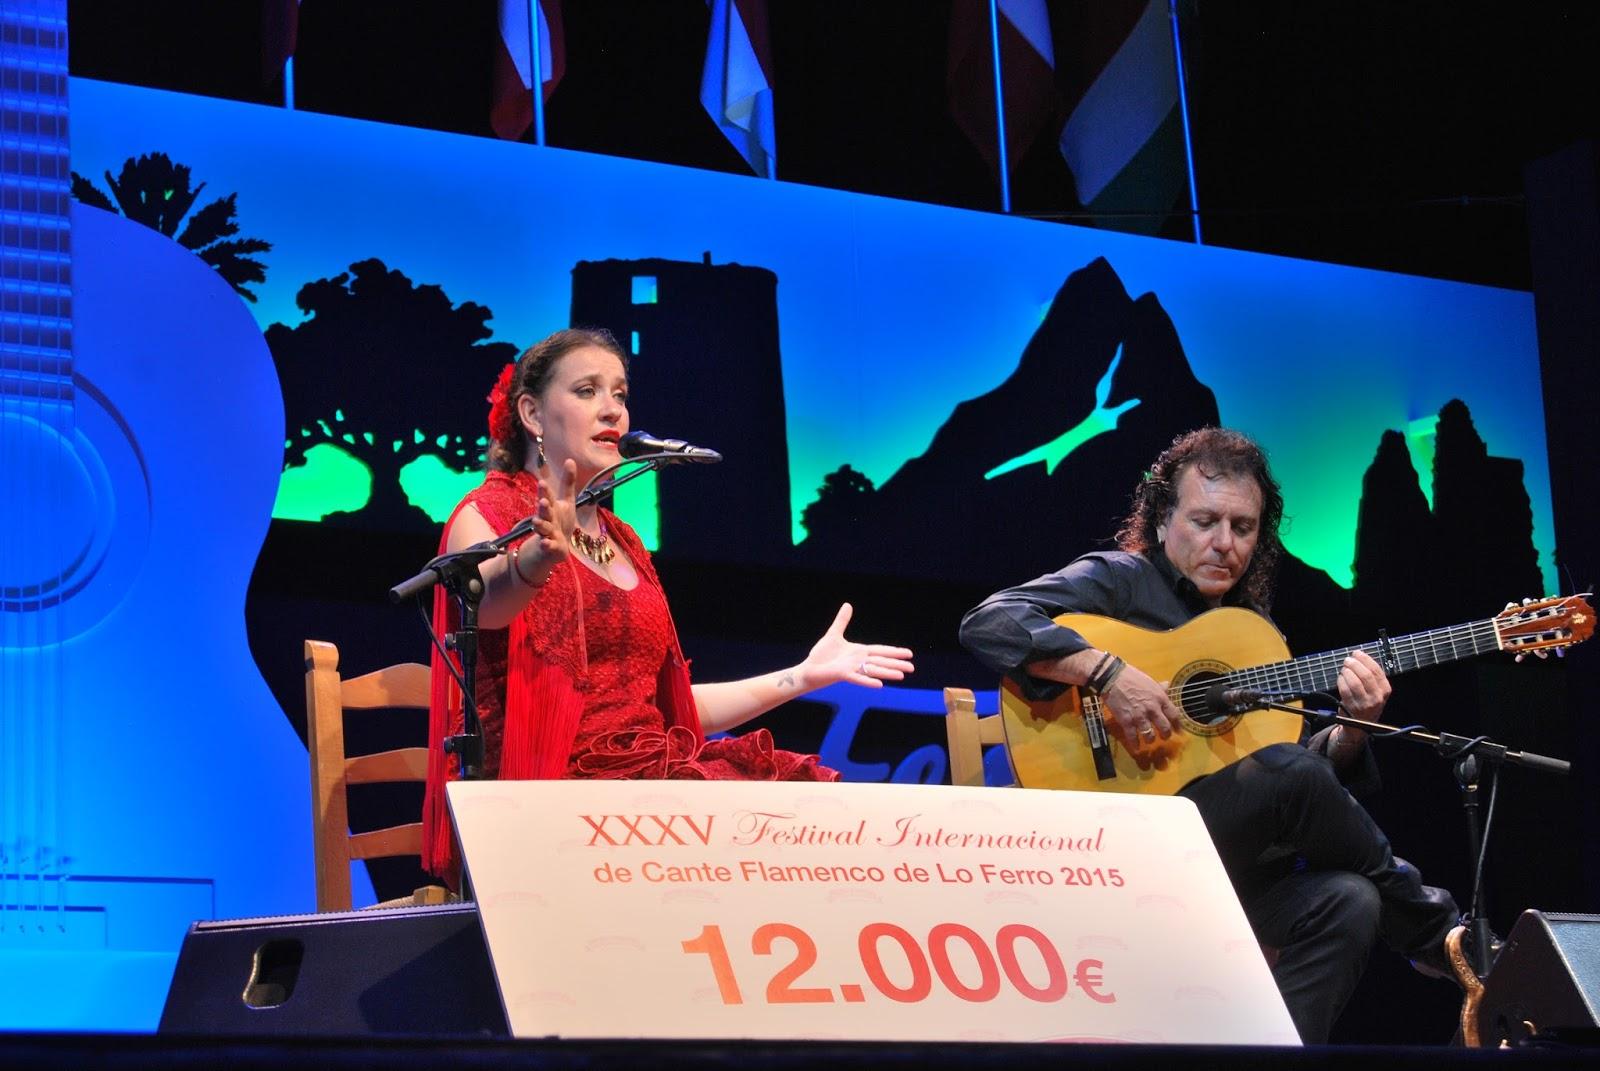 Diagrama De  lificadores besides Proy  barato moreover Ganadores Del Festival De Cante further Proy   barato 03 also Filomena Aunon Proy Melon Oro 0 1400859928. on proy barato